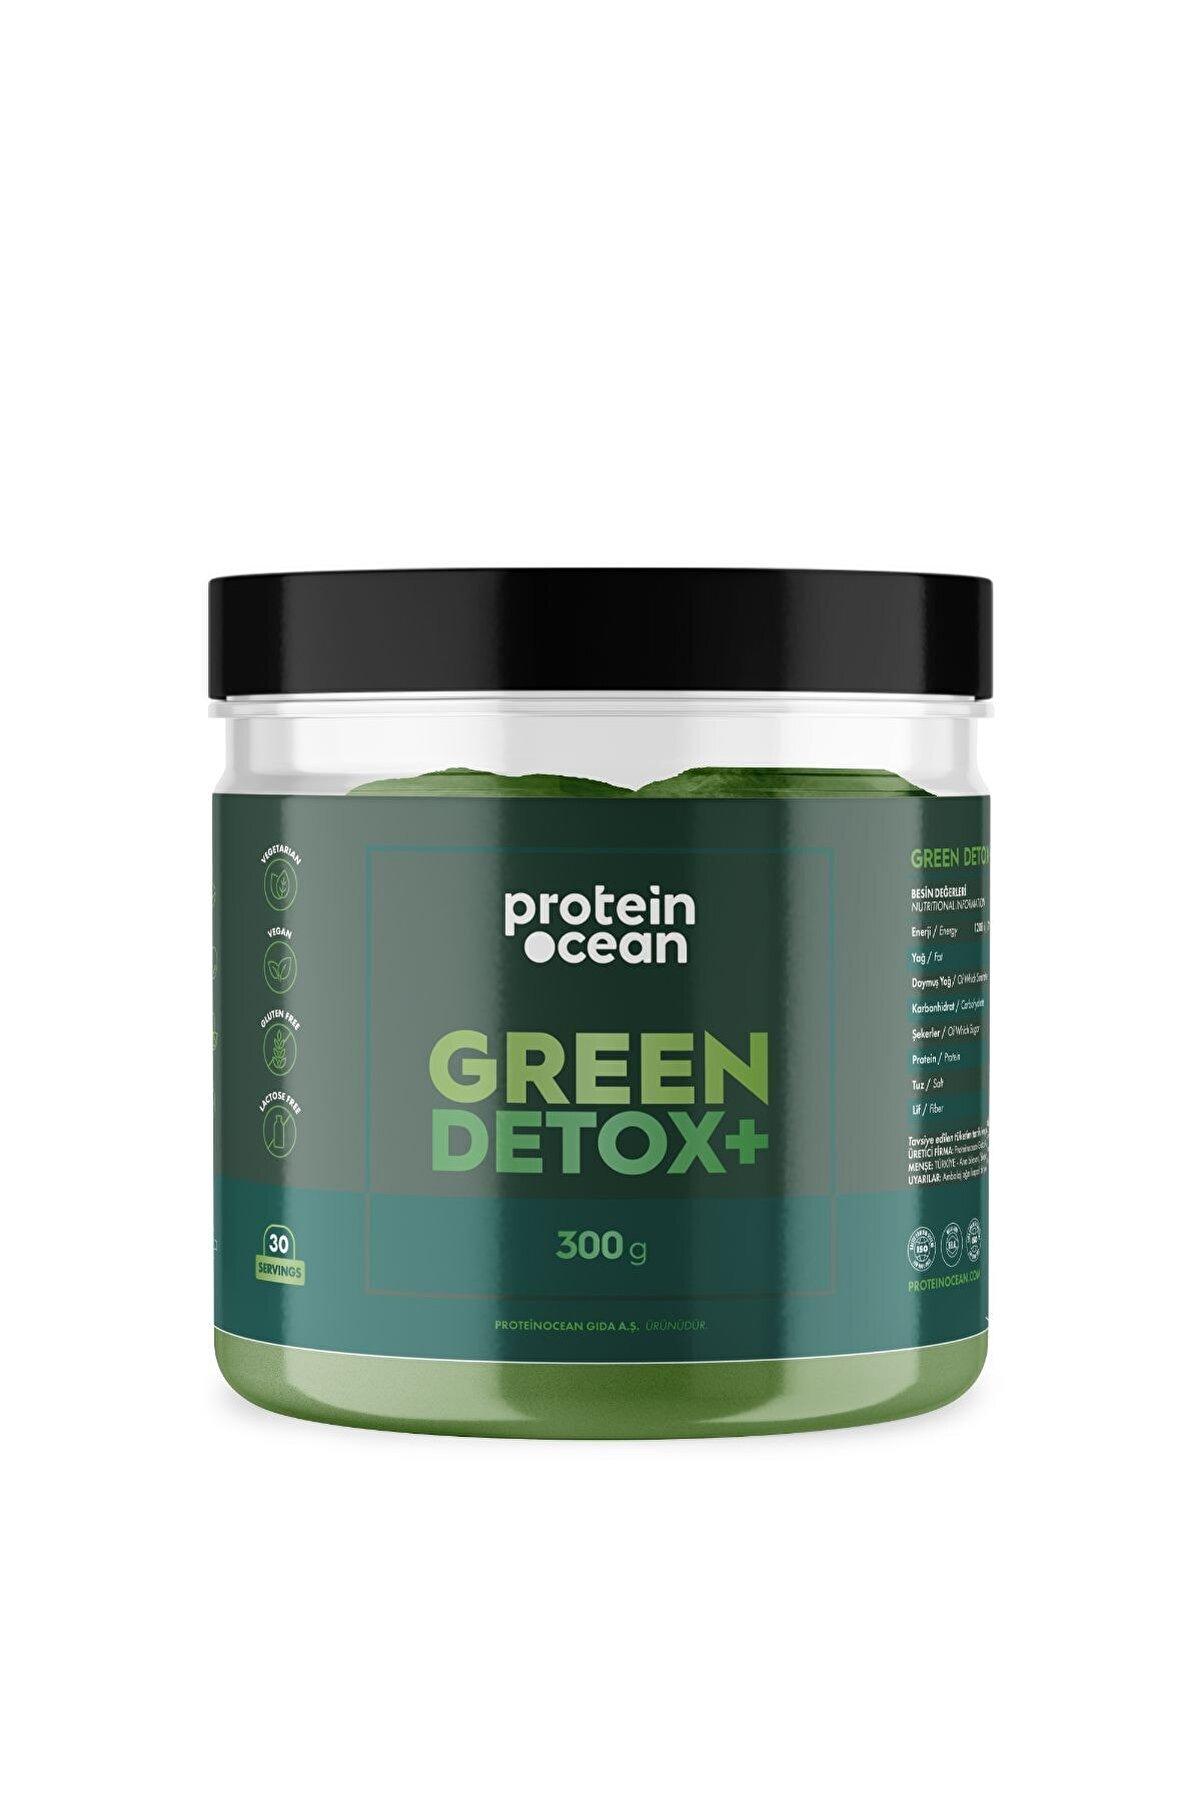 Proteinocean Green Detox+™ 300g 30 Servis